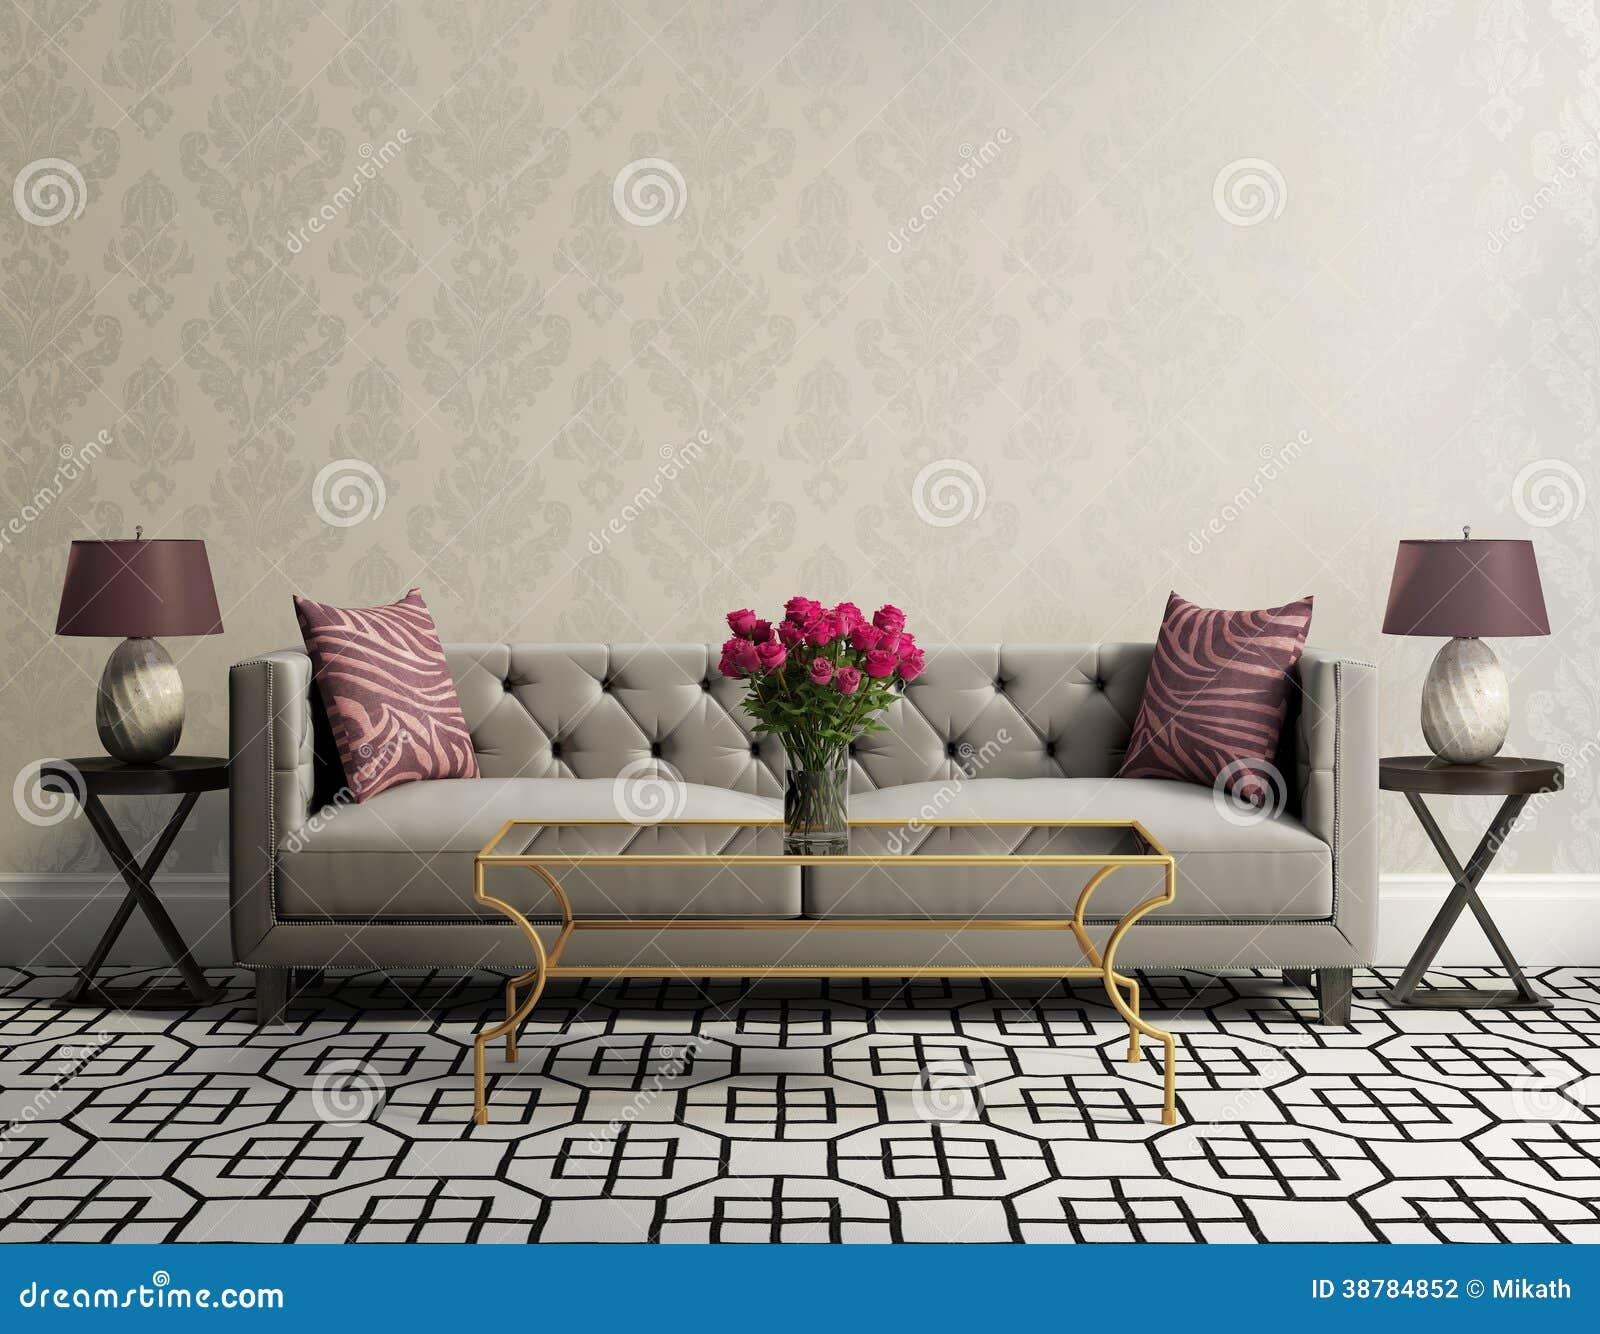 Elegantes wohnzimmer der weinlese mit grauem samtsofa stockfoto bild 38784852 - Elegante wohnzimmer ...